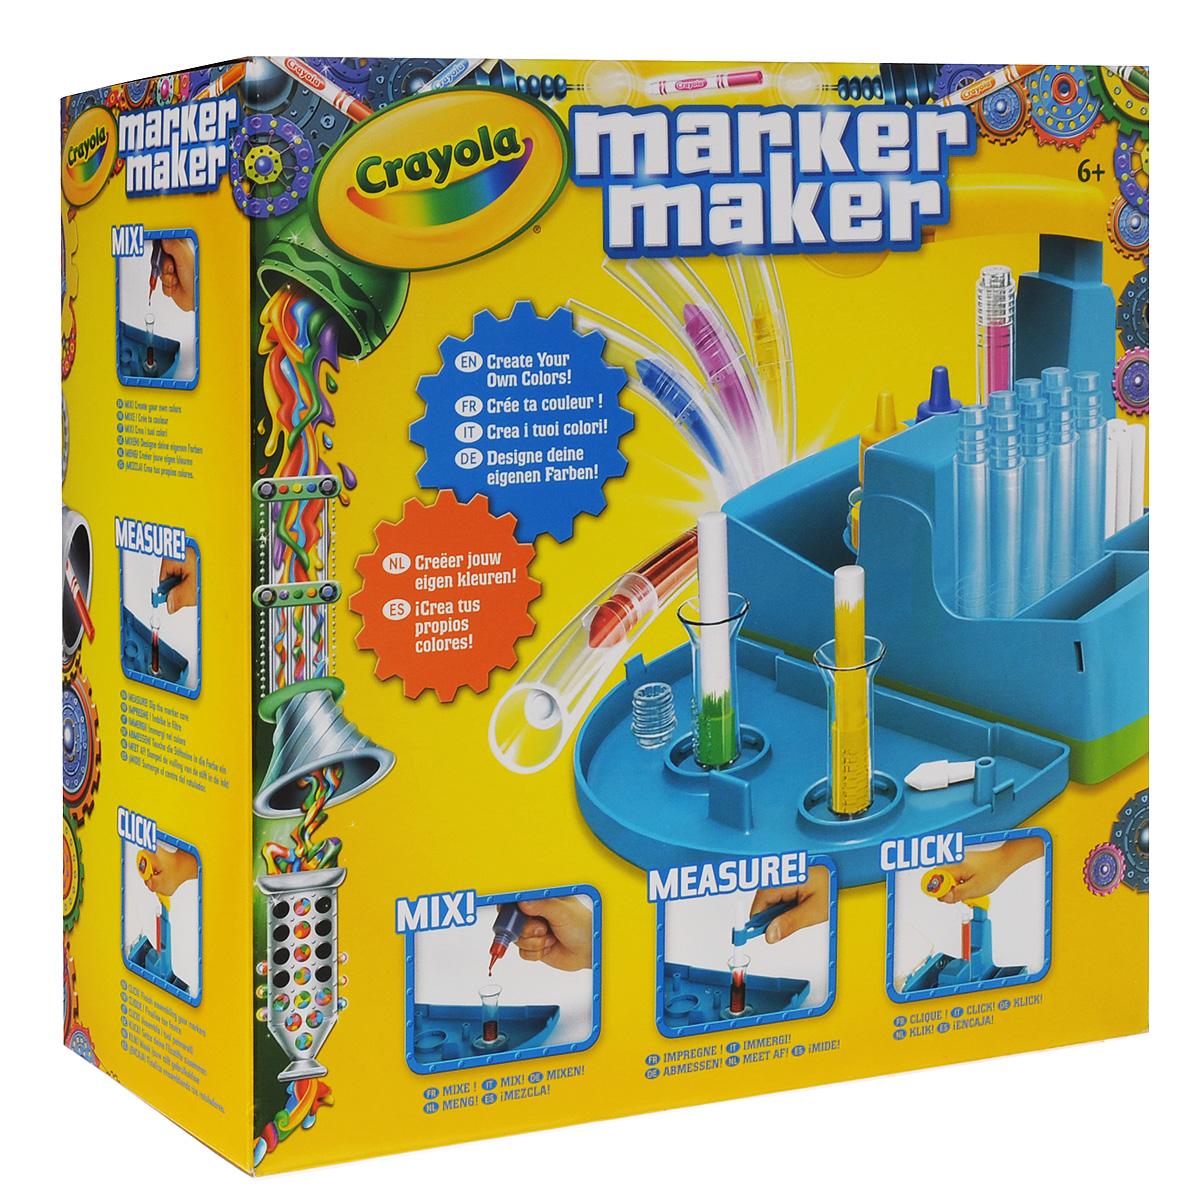 Набор для изготовления фломастеров Crayola Мастер-фломастер72523WDУникальный набор Crayola Мастер-фломастер представляет собой миниатюрную фабрику по производству фломастеров. Ваш ребенок собственными руками сможет создать фломастер с нужным ему цветом, а инструкция по смешиванию цветов, входящая в комплект, поможет ему в этом. Всего в наборе 16 комплектов деталей фломастеров. В них входит все необходимое для работы - корпусы, наконечники, заглушки, стрежни, колпачки и стикеры. Также в комплекте 3 баночки с чернилами, две колбы для смешивания, две колбы для хранения готовых фломастеров и пинцет. Рекомендуется для детей от 8 лет.